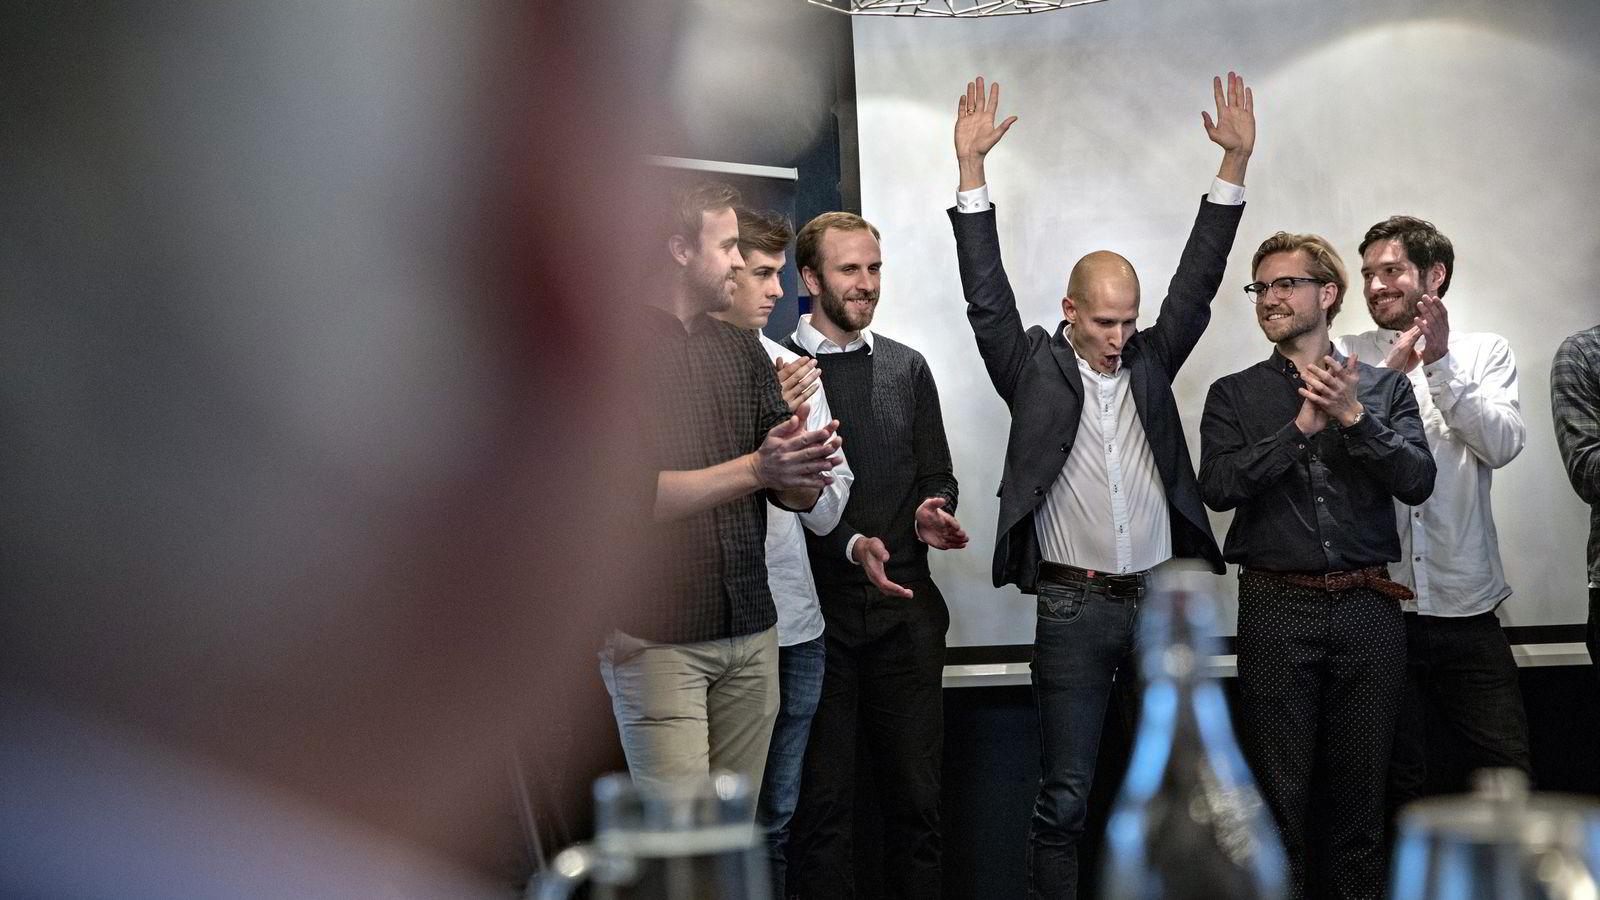 Edgeir Vårdal Aksnes ble ellevill av glede da han fikk høre at Stordalen valgte hans idé.               Foto: Aleksander Nordahl